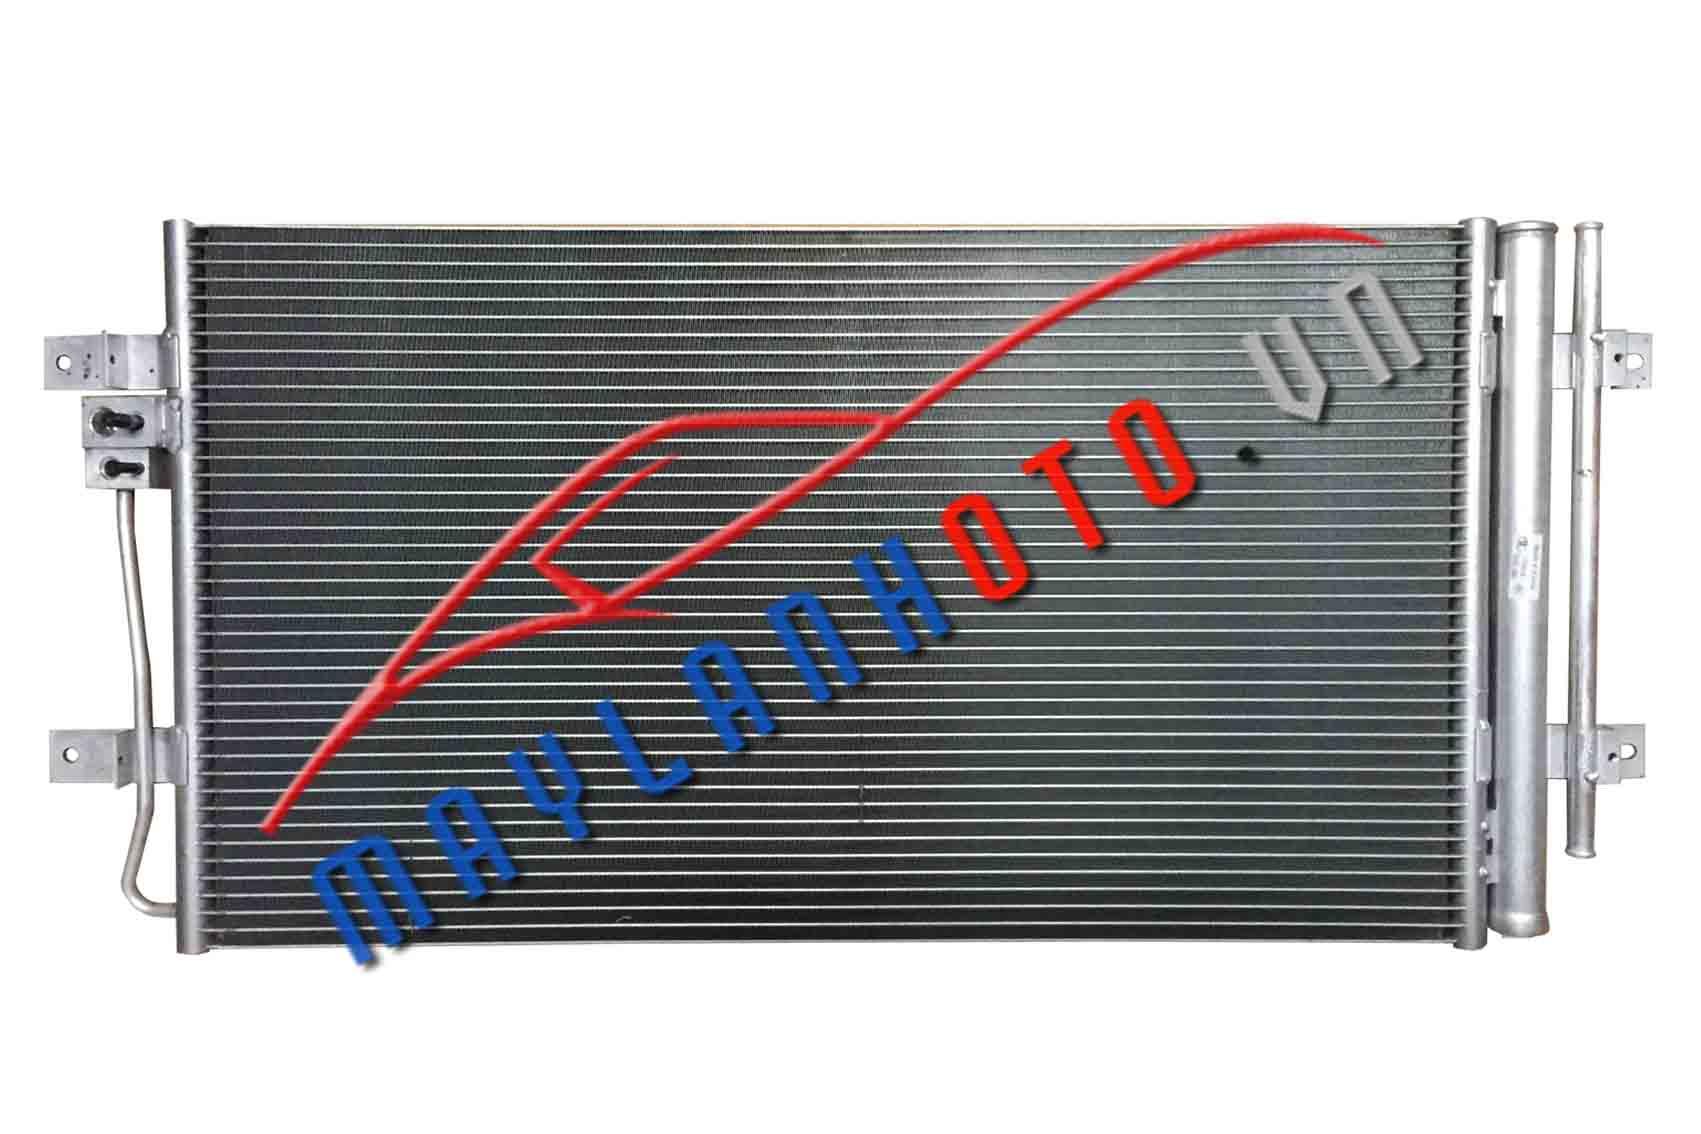 Xcient 19 tấn/ Giàn nóng điều hòa Hyundai Xcient 19 tấn/ Dàn nóng điều hòa Hyundai Xcient 19 tấn